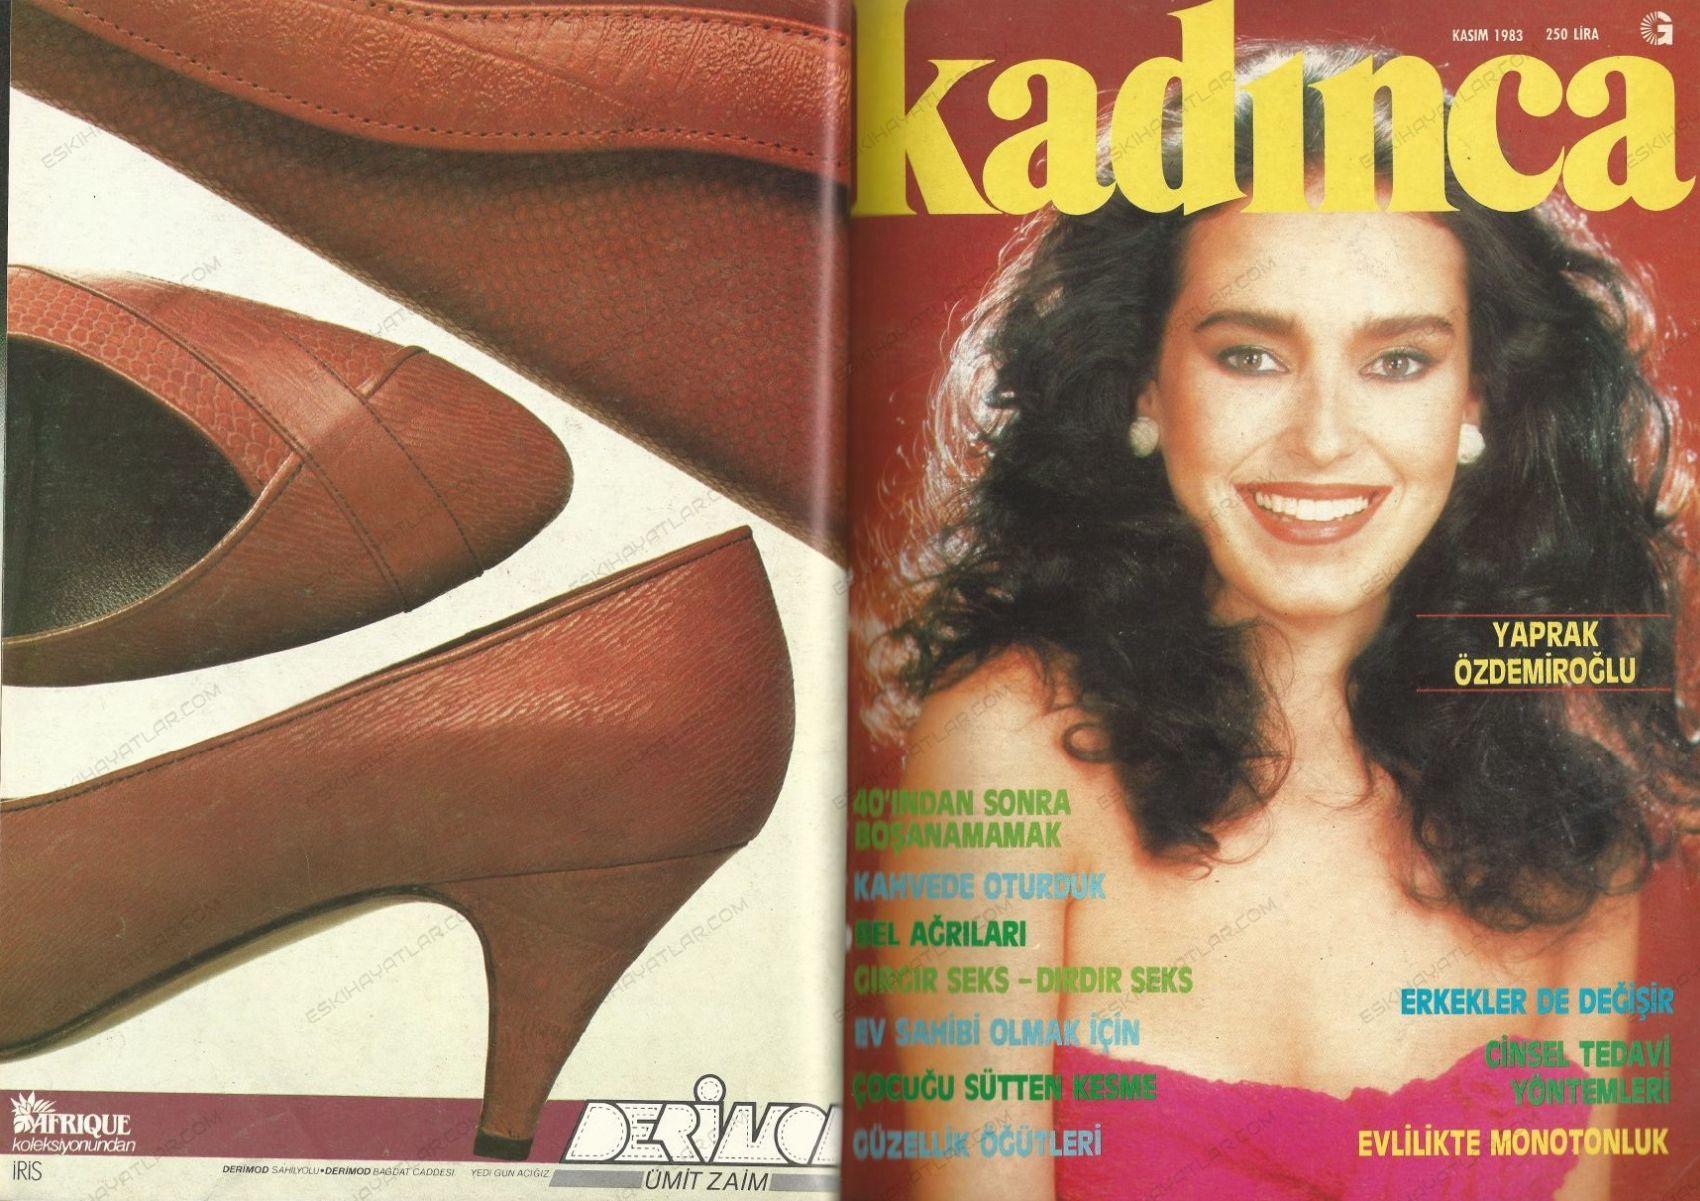 0380-fikriye-hanim-latife-hanim-ve-mustafa-kemal-ataturk-1983-kadinca-dergisi (1)